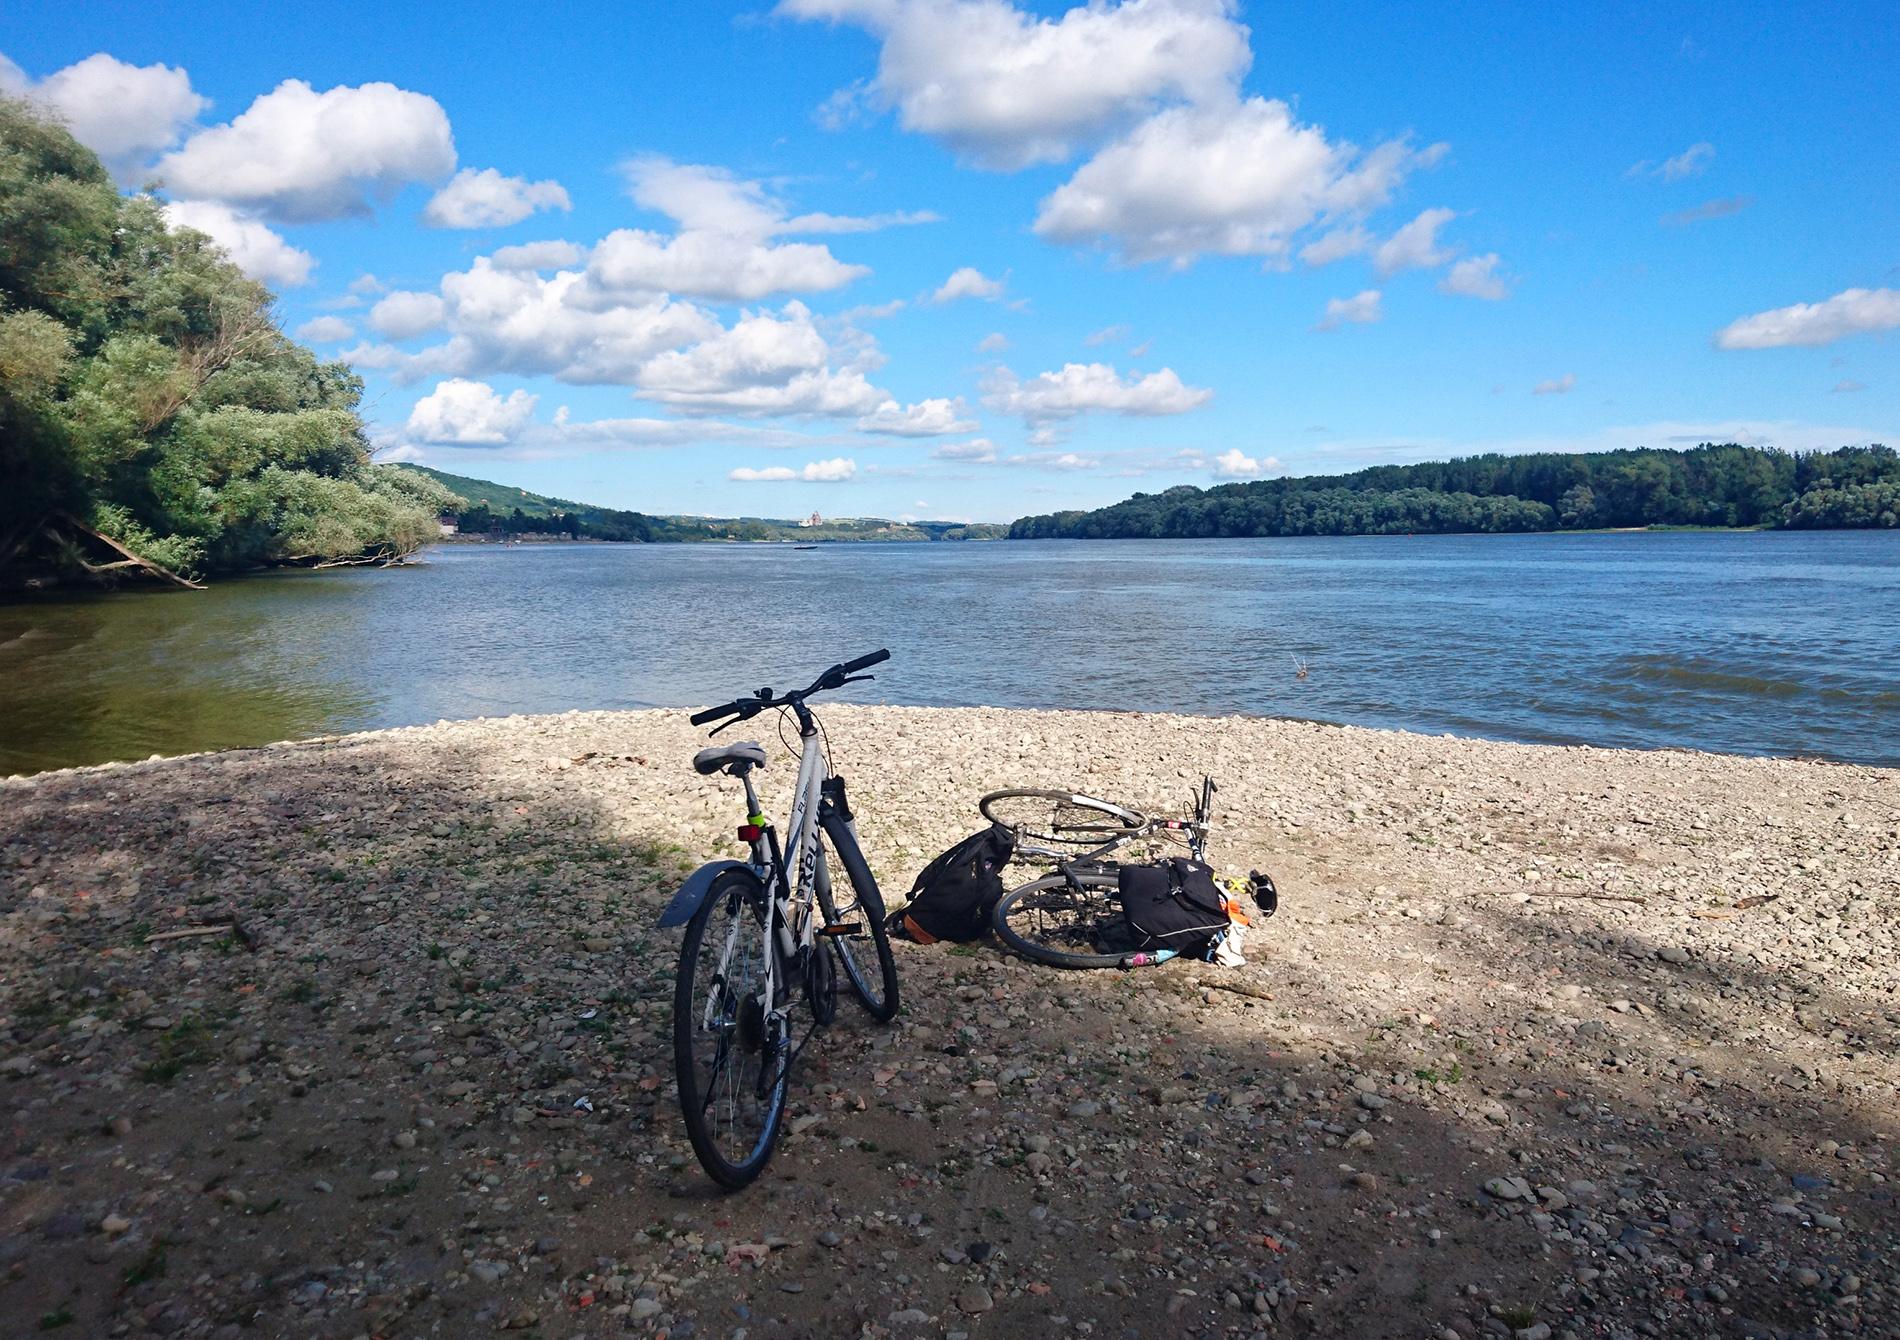 Dunakanyartól Budapestig bringán – tökéletes hétvégi kiruccanás, kisebb döccenőkkel